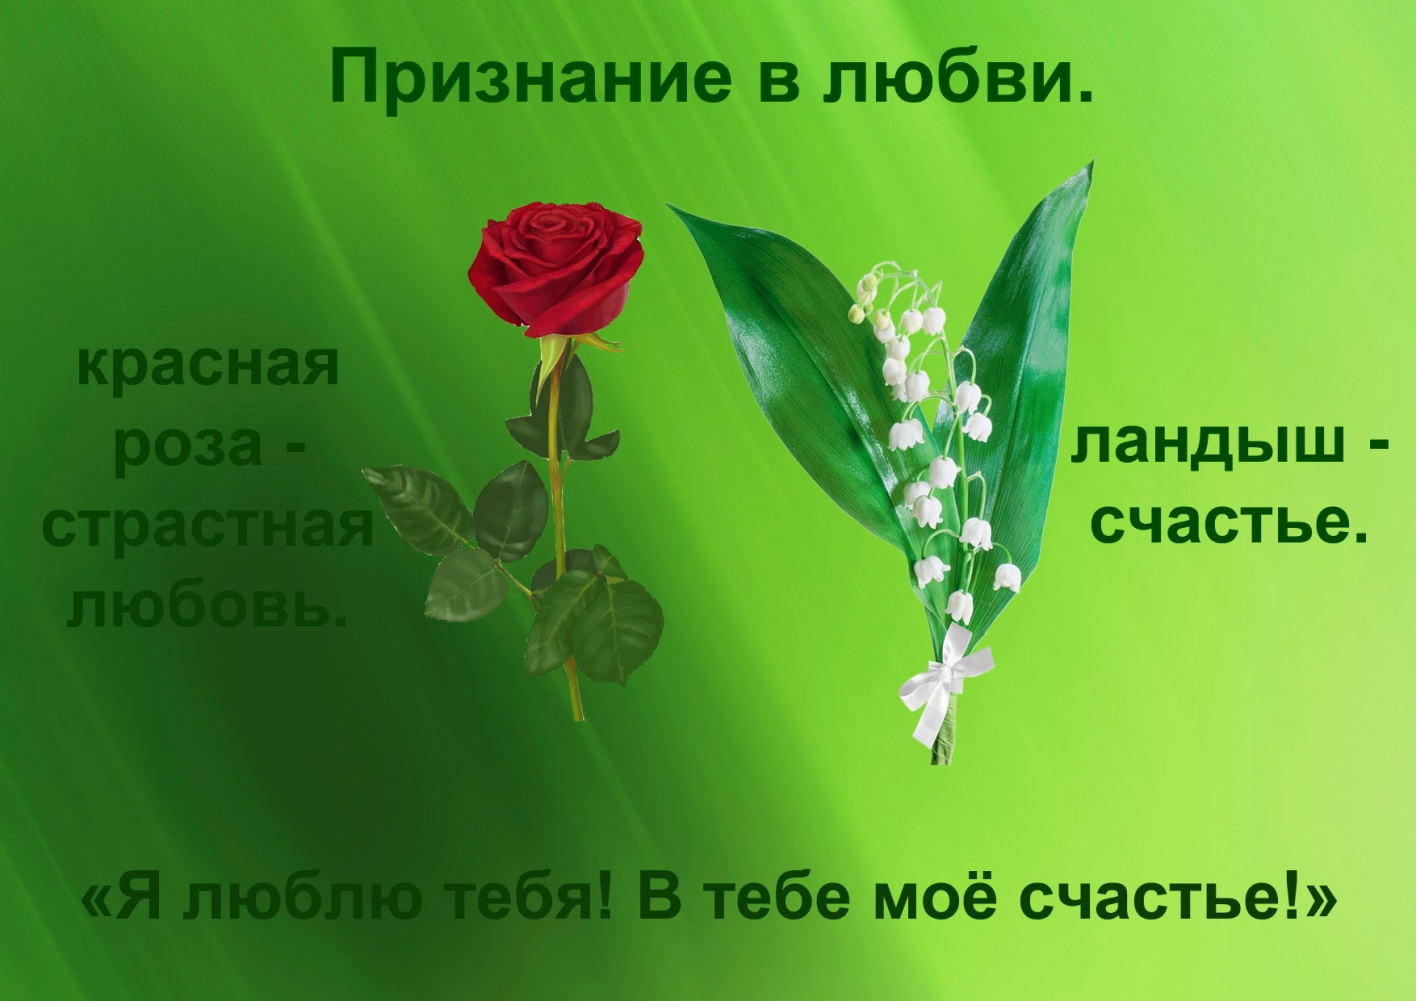 C:\Documents and Settings\я\Рабочий стол\Язык цветов. Презентация. Элина\20.признание в любви.jpg